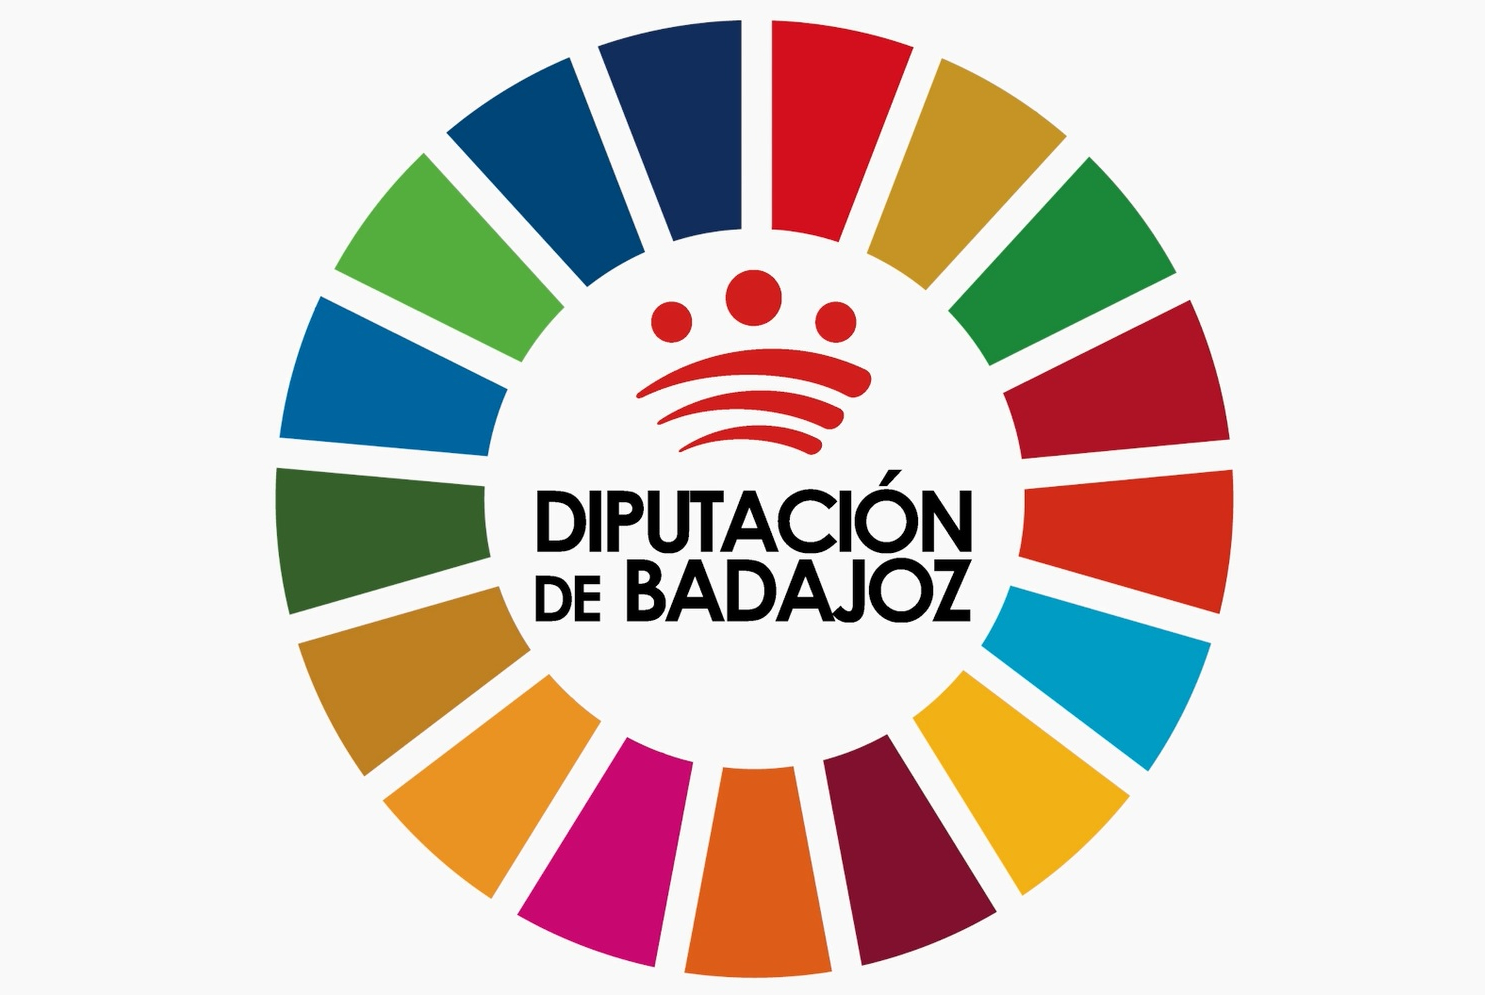 Imagen de la noticia La Diputación de Badajoz conmemora el quinto aniversario de?>